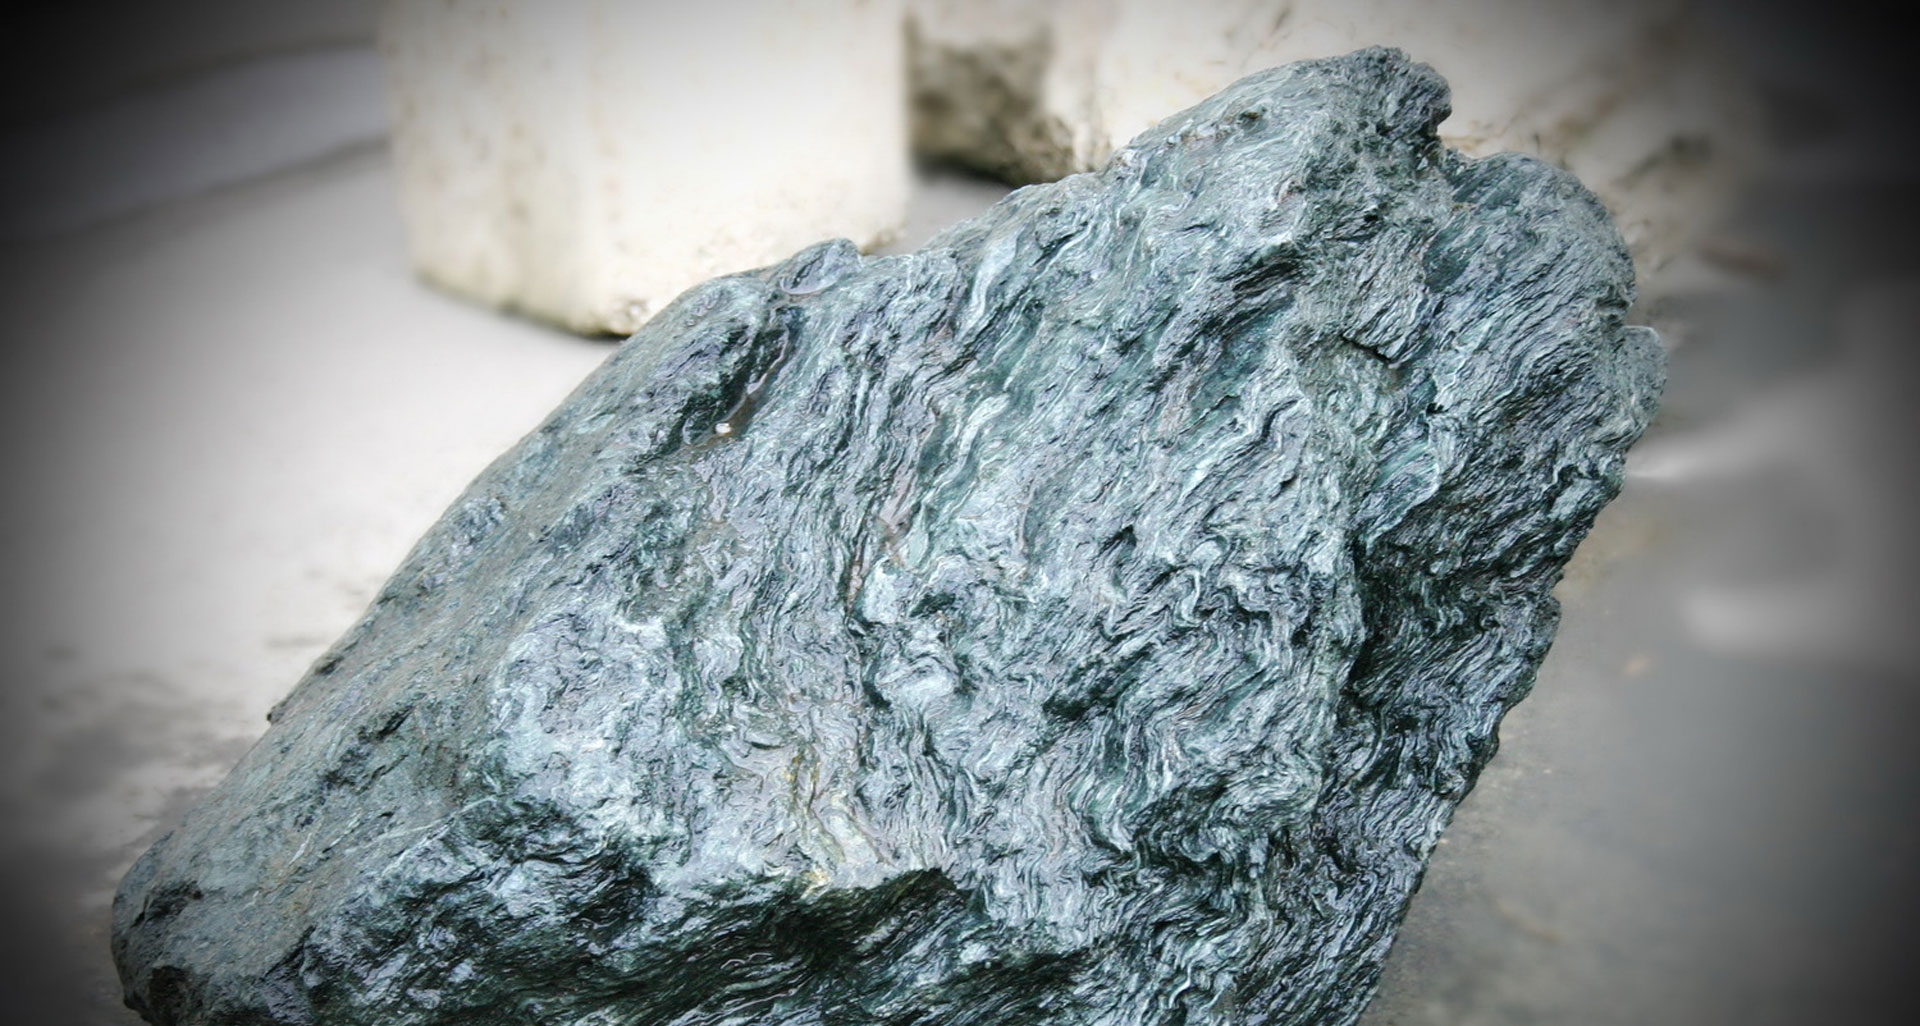 Обломок камня с месторождения талькомагнезита